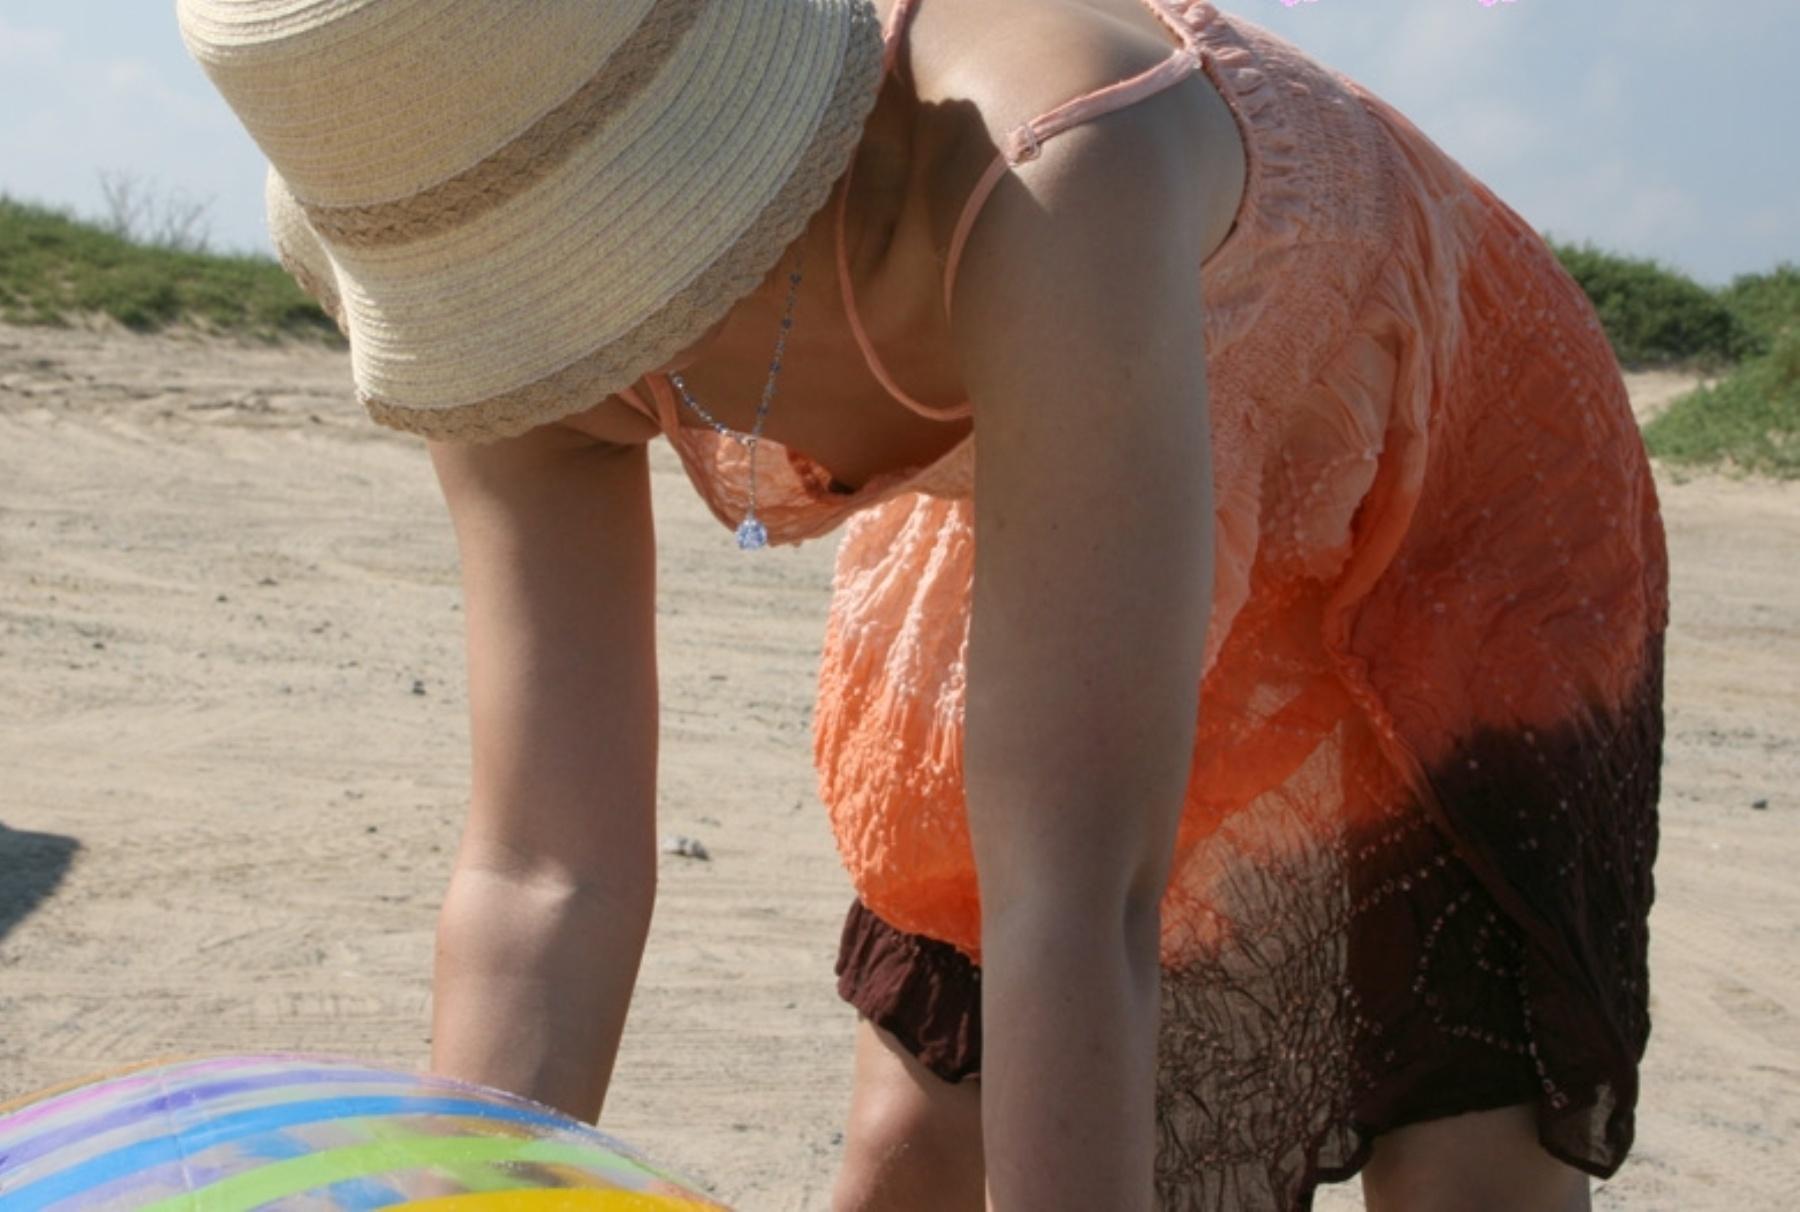 おばさん 乳首 熟女 胸チラ ハプニング エロ画像【8】